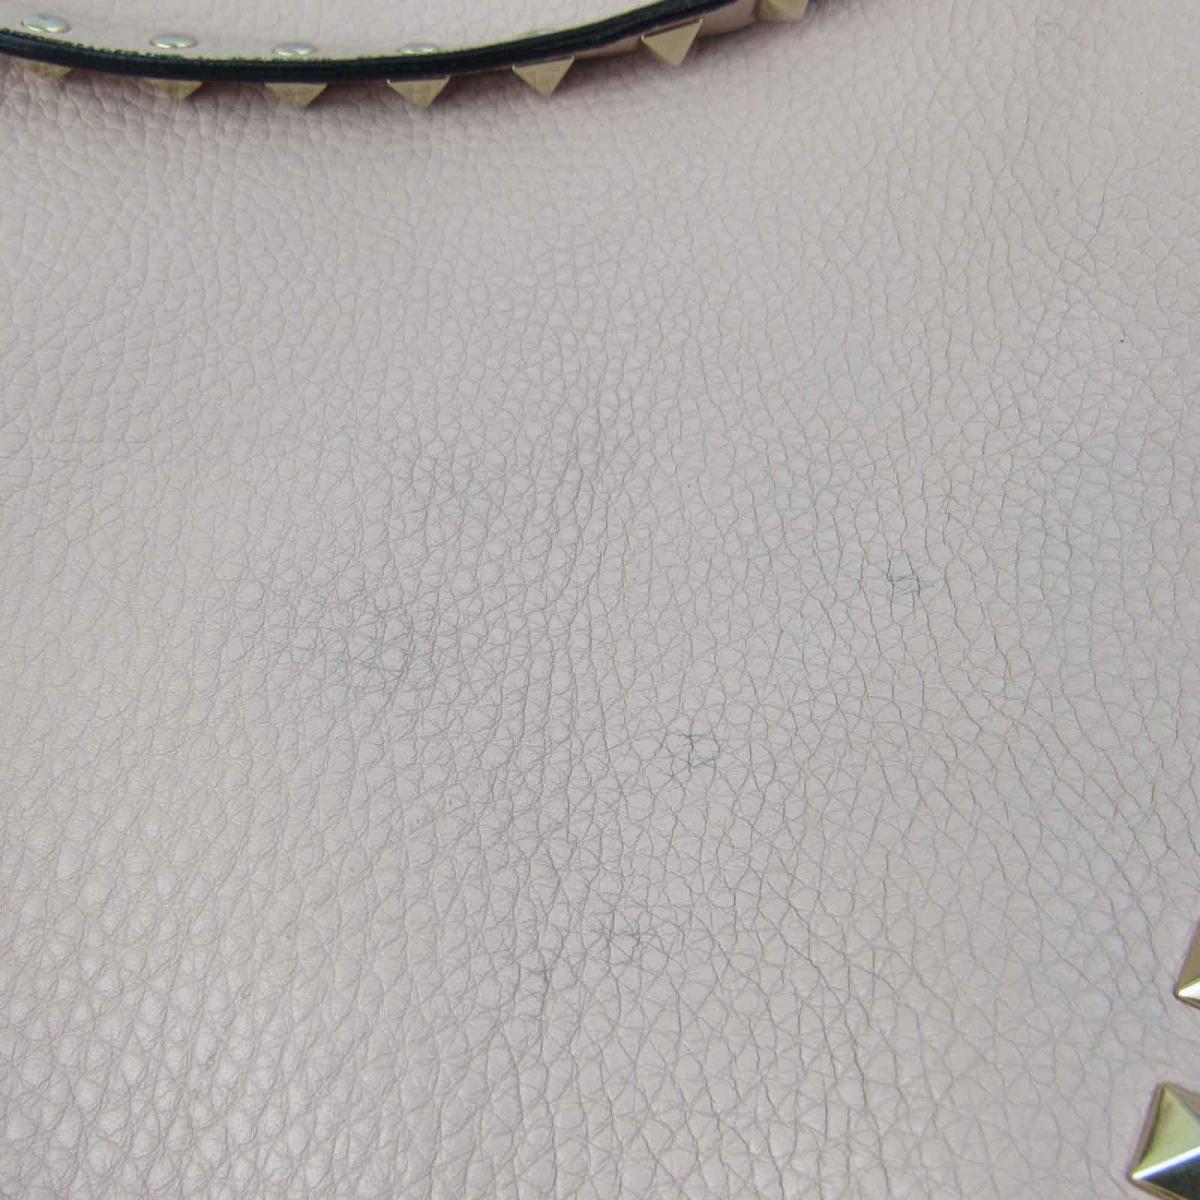 ヴァレンチノ スタッズ 2way ショルダーバッグ バッグ レディース レザーxスタッズ ピンクVALENTINO BRANDOFF ブランドオフ ブランド ブランドバッグ バック ショルダーバック ショルダー 肩掛けUzMpSGqV